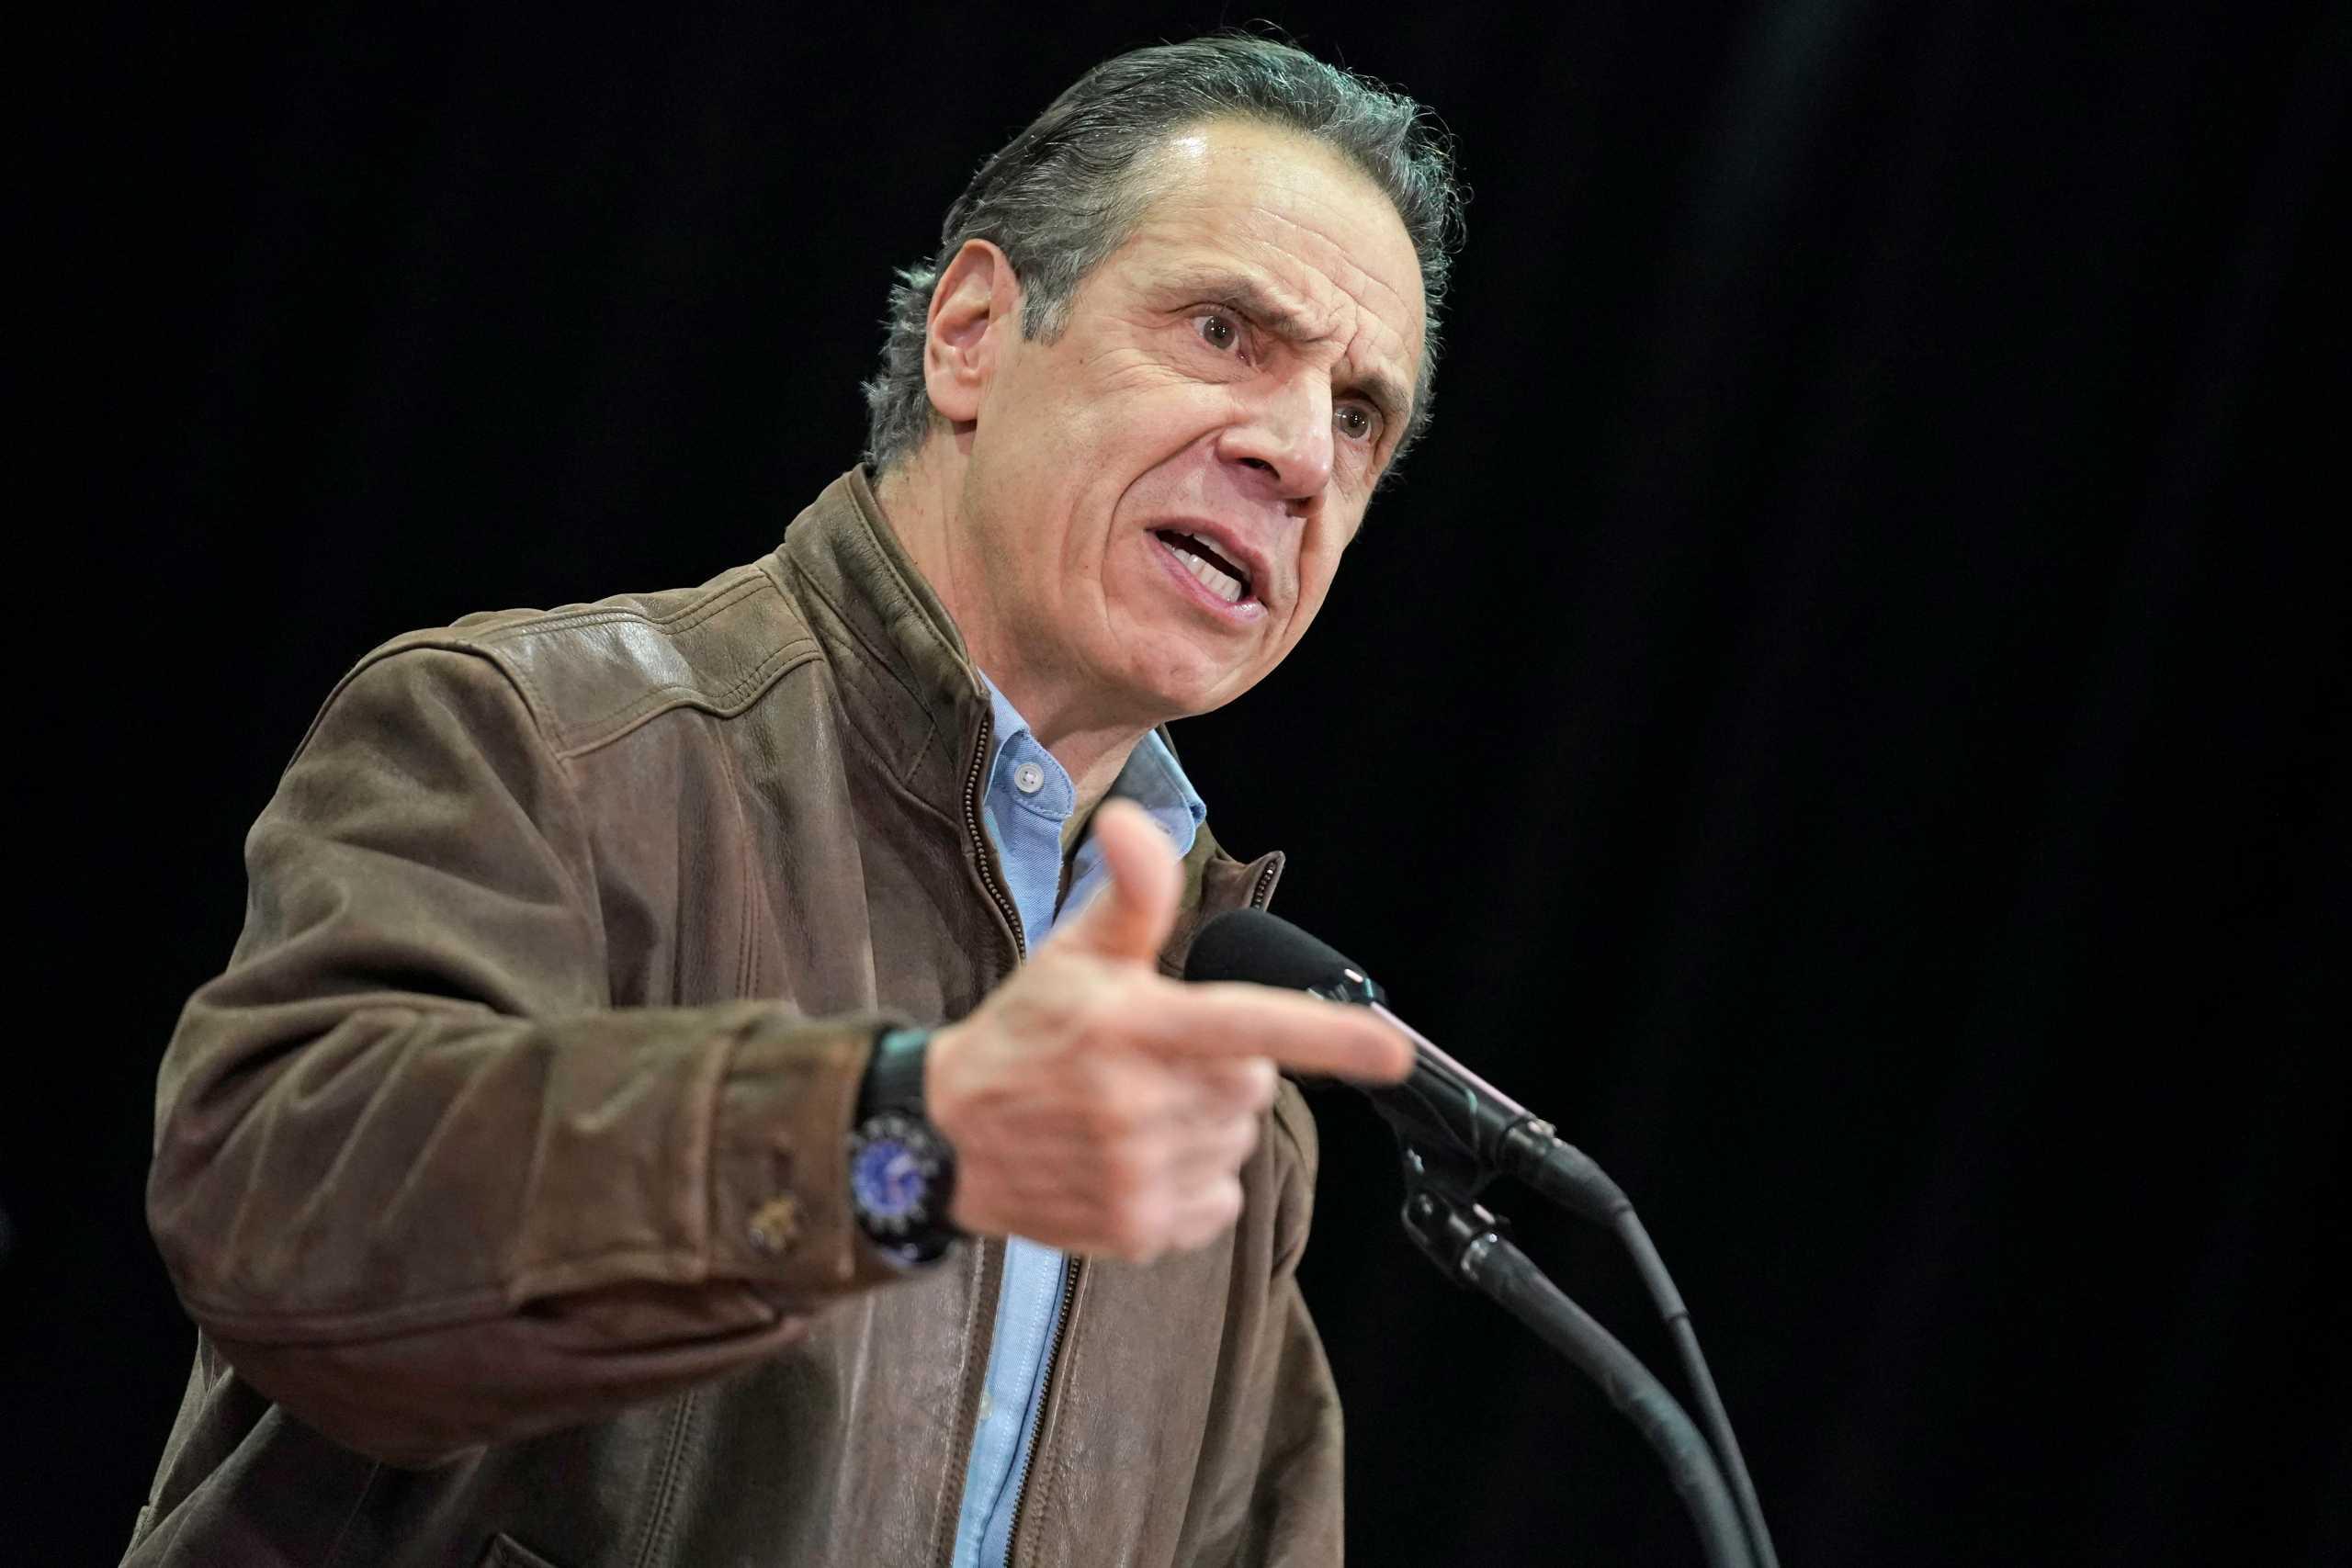 Ο κυβερνήτης της Νέας Υόρκης κατηγορείται για σεξουαλική παρενόχληση